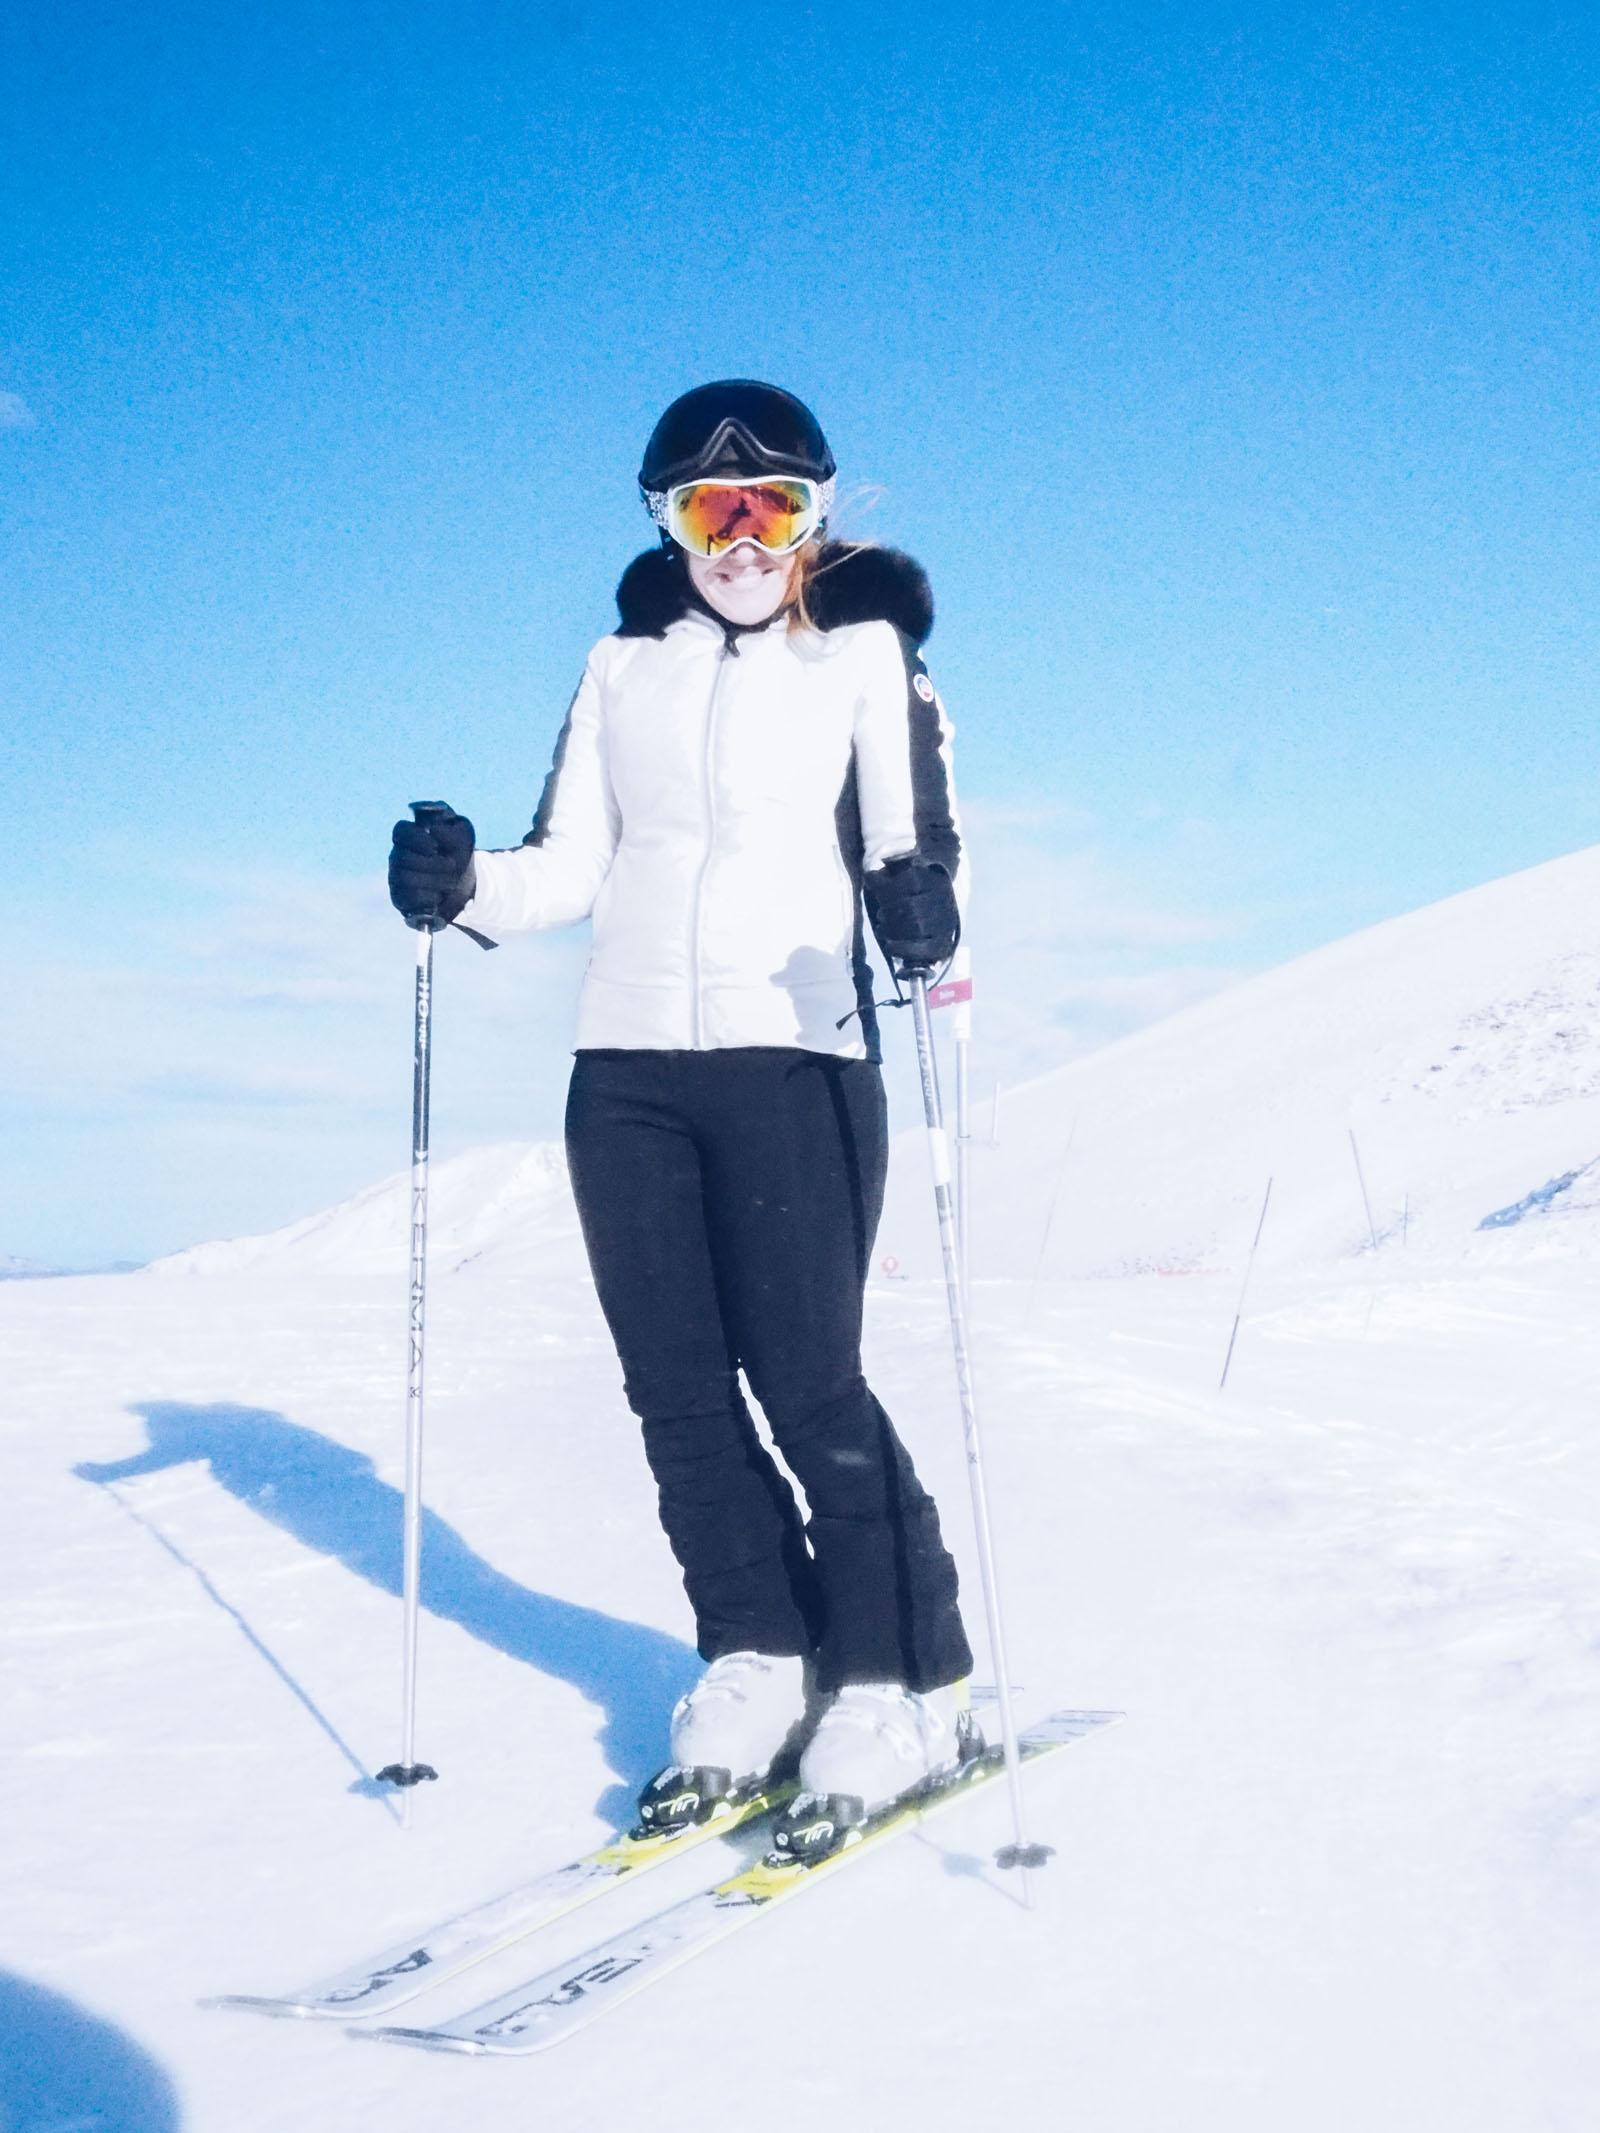 Vacances au ski en famille Hautes Pyrenees bonnes adresses hotel station l La Fiancee du Panda blog mariage et lifestyle-1018080